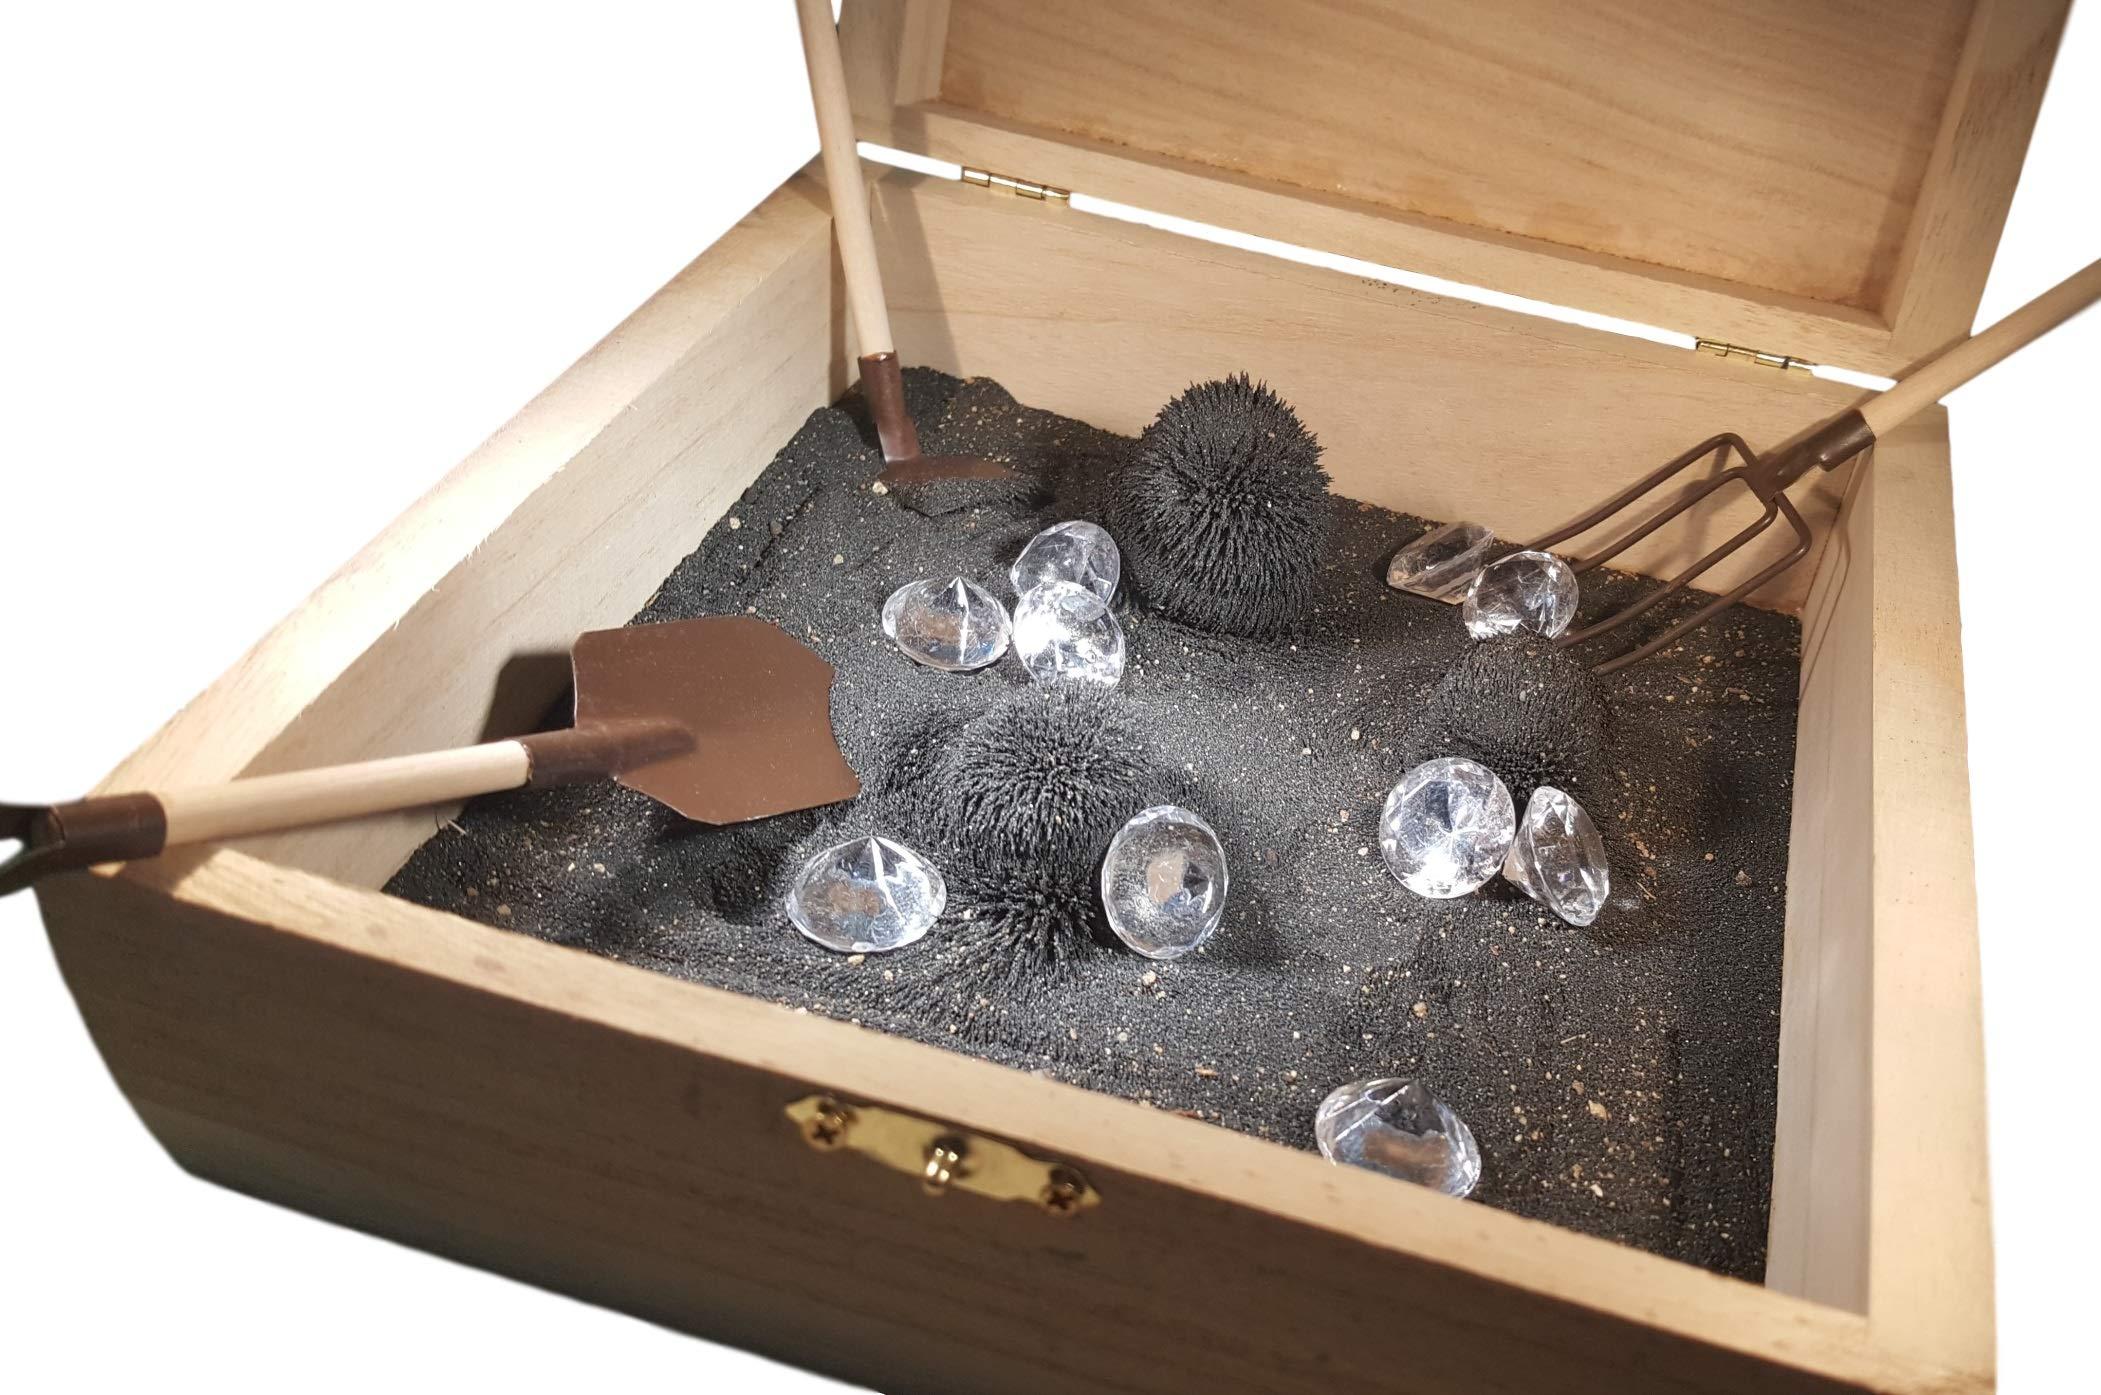 MagZen Diamonds - Unique Magnetic Zen Garden Zen Box, Tabletop/Desktop Zen Garden Kit for Relaxation, Stress Relief, Creativity and Magnetic Science